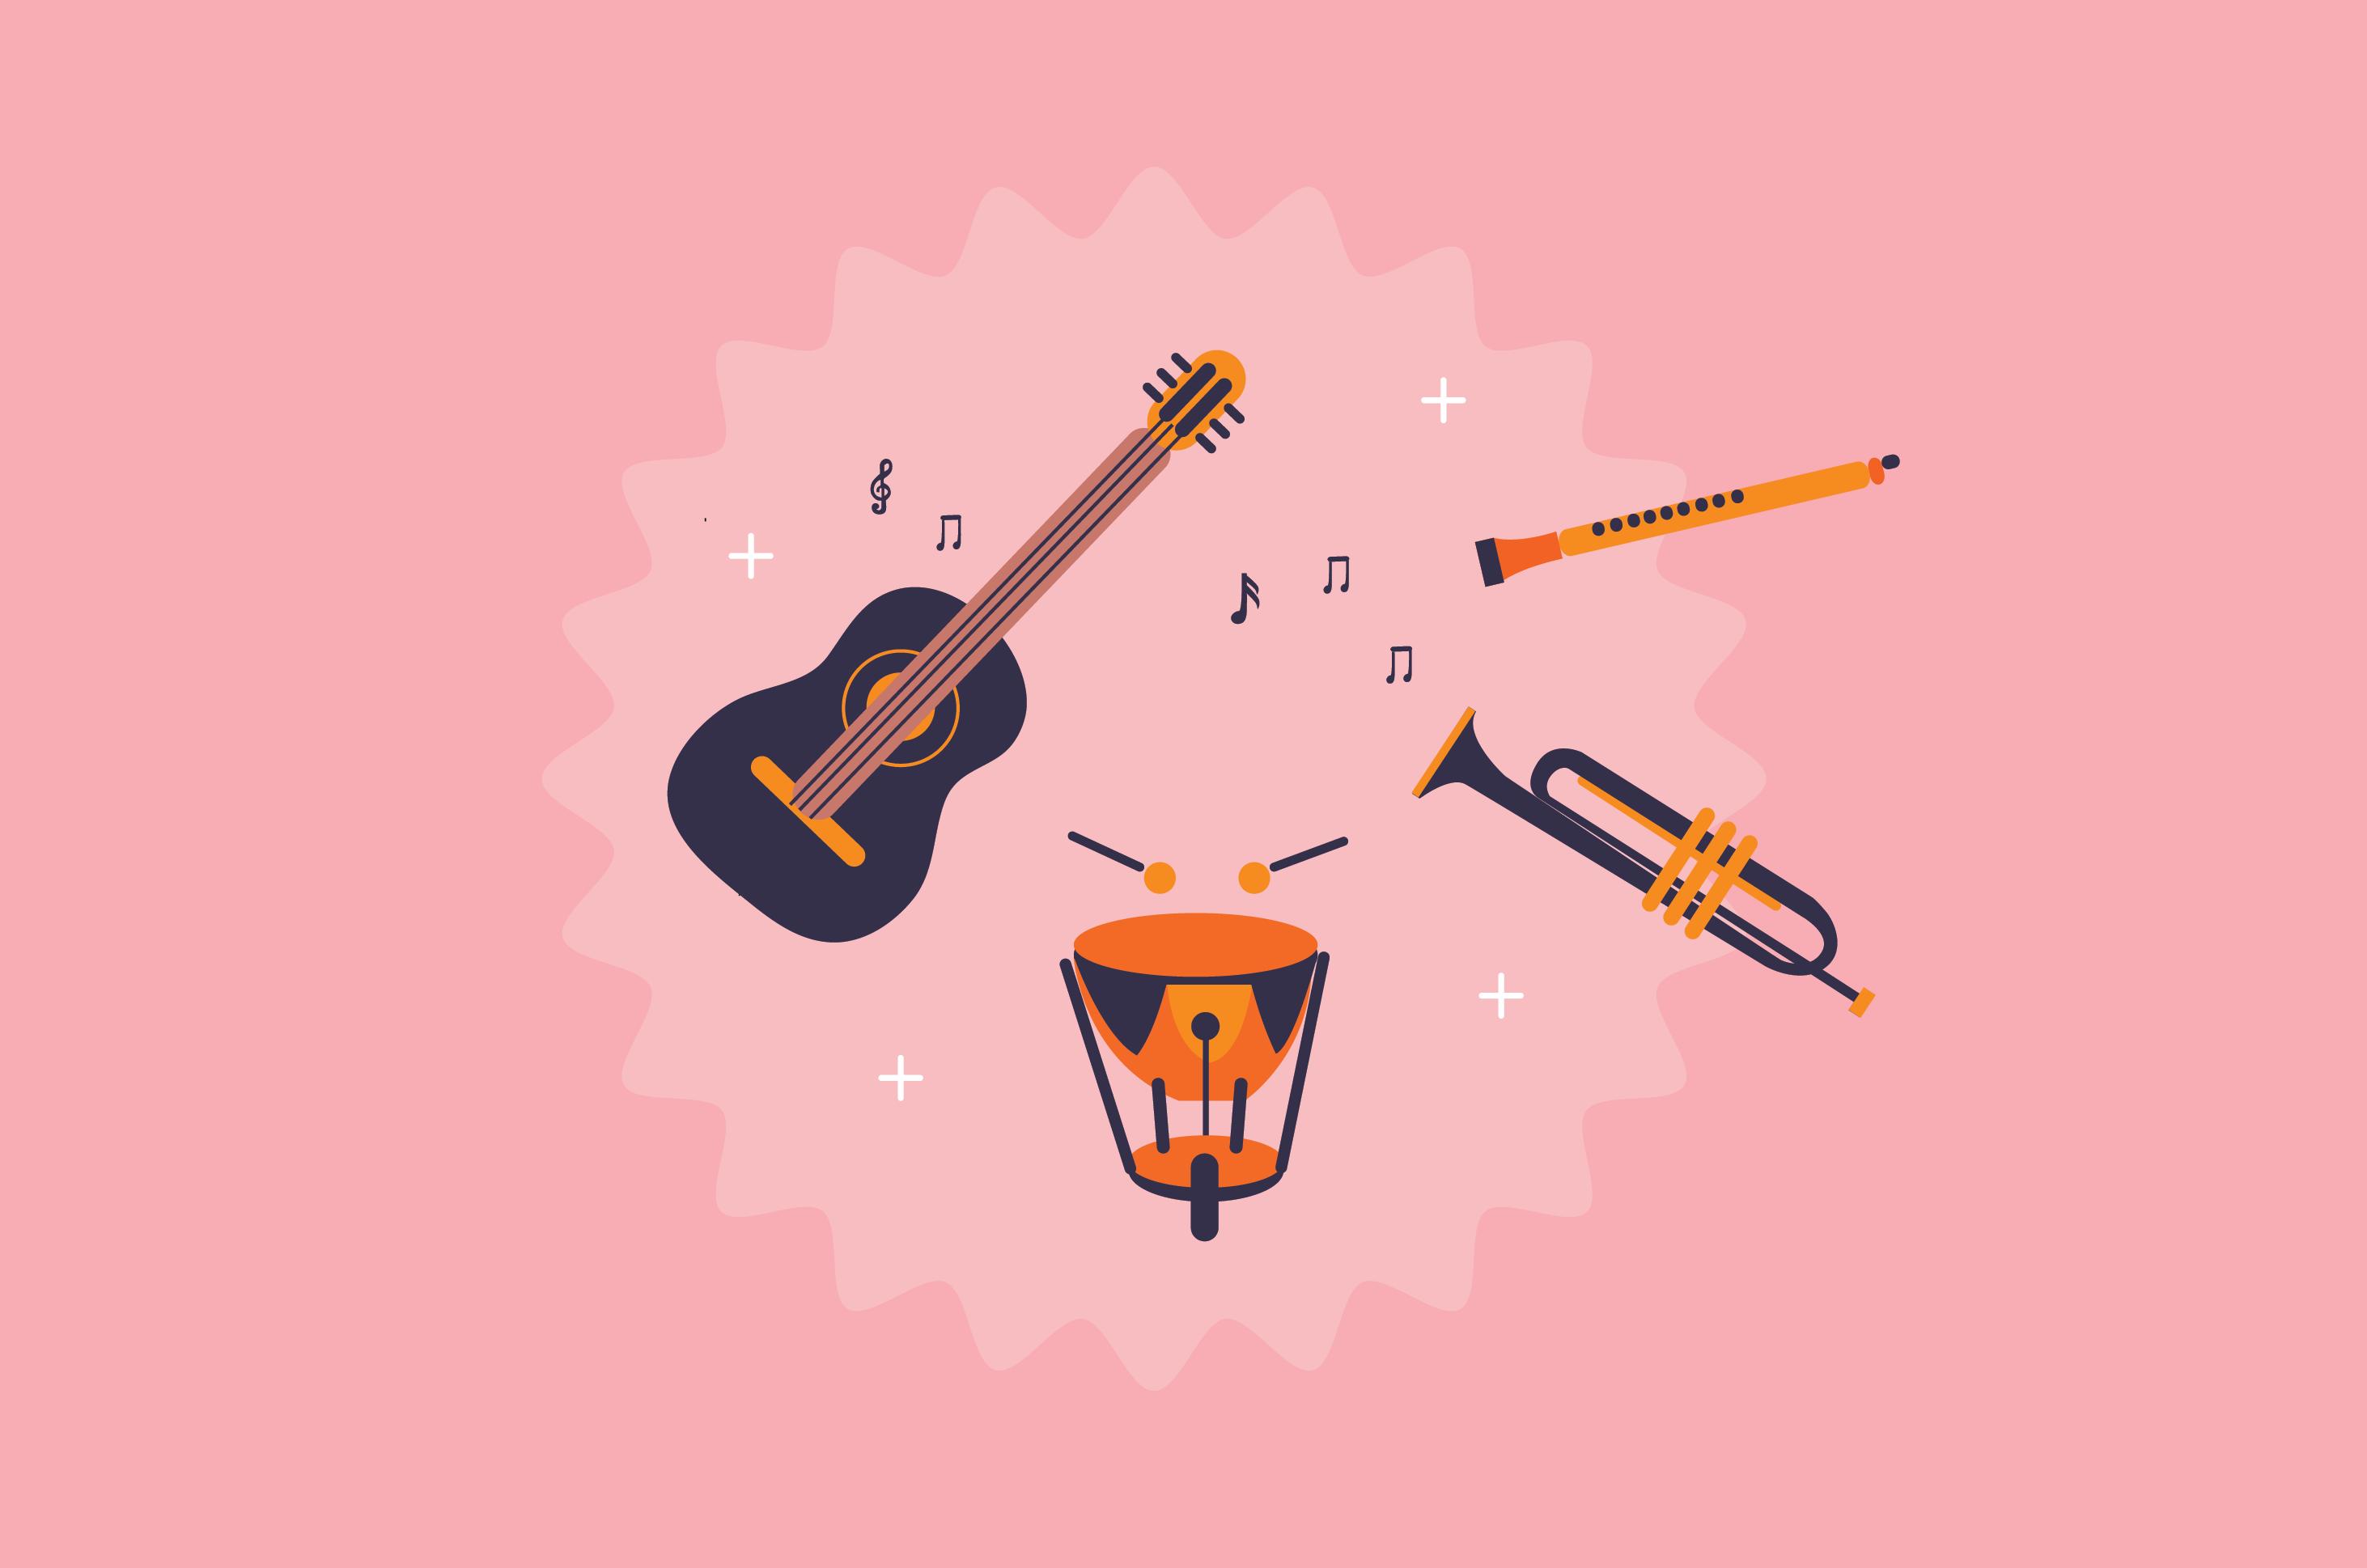 musik meredakan stres, manfaat mendengarkan musik